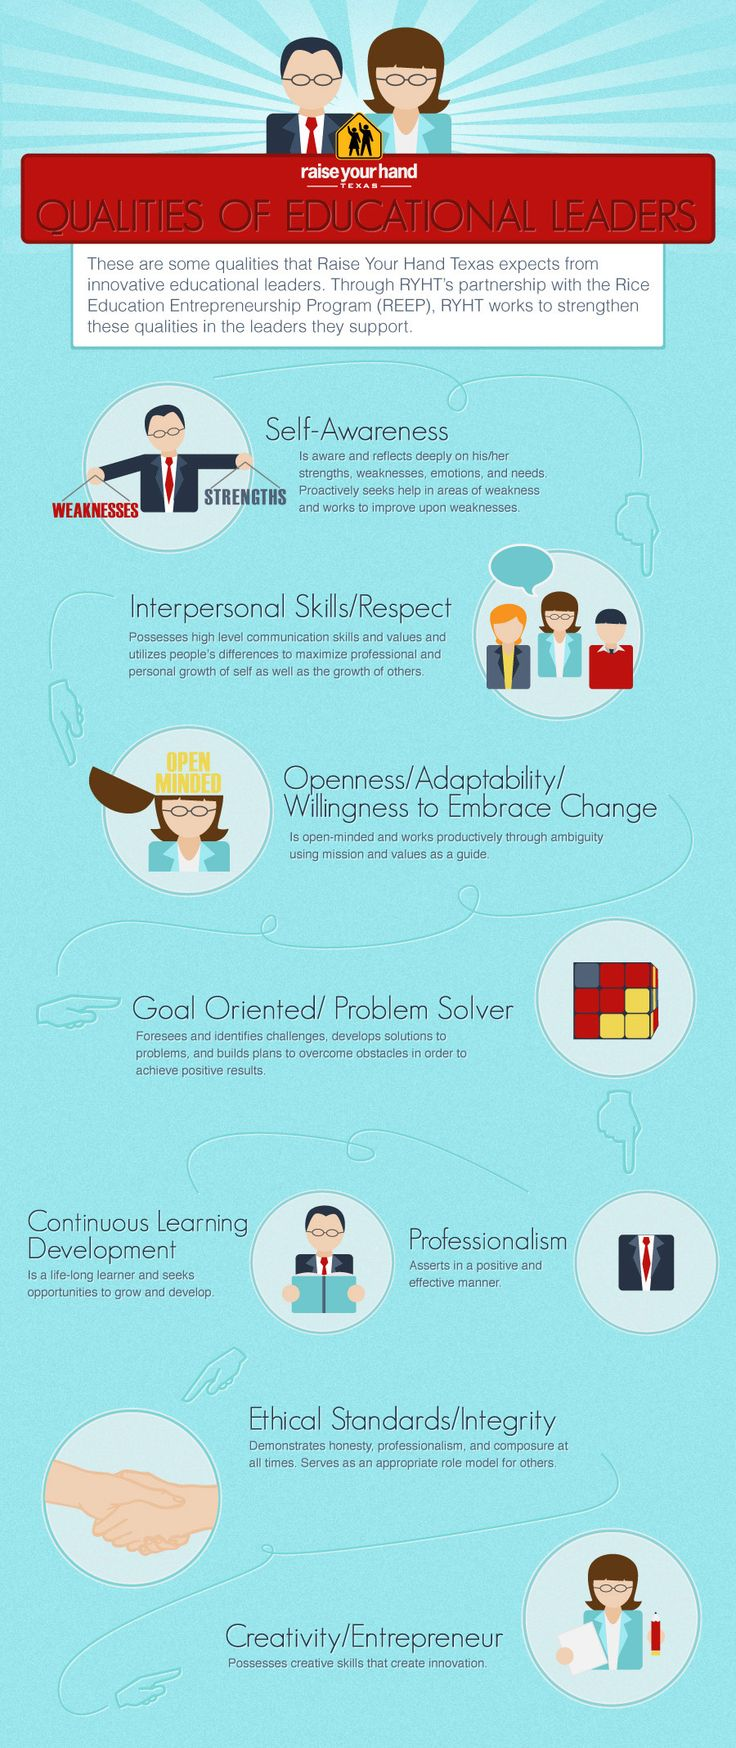 Qualities of educational leaders